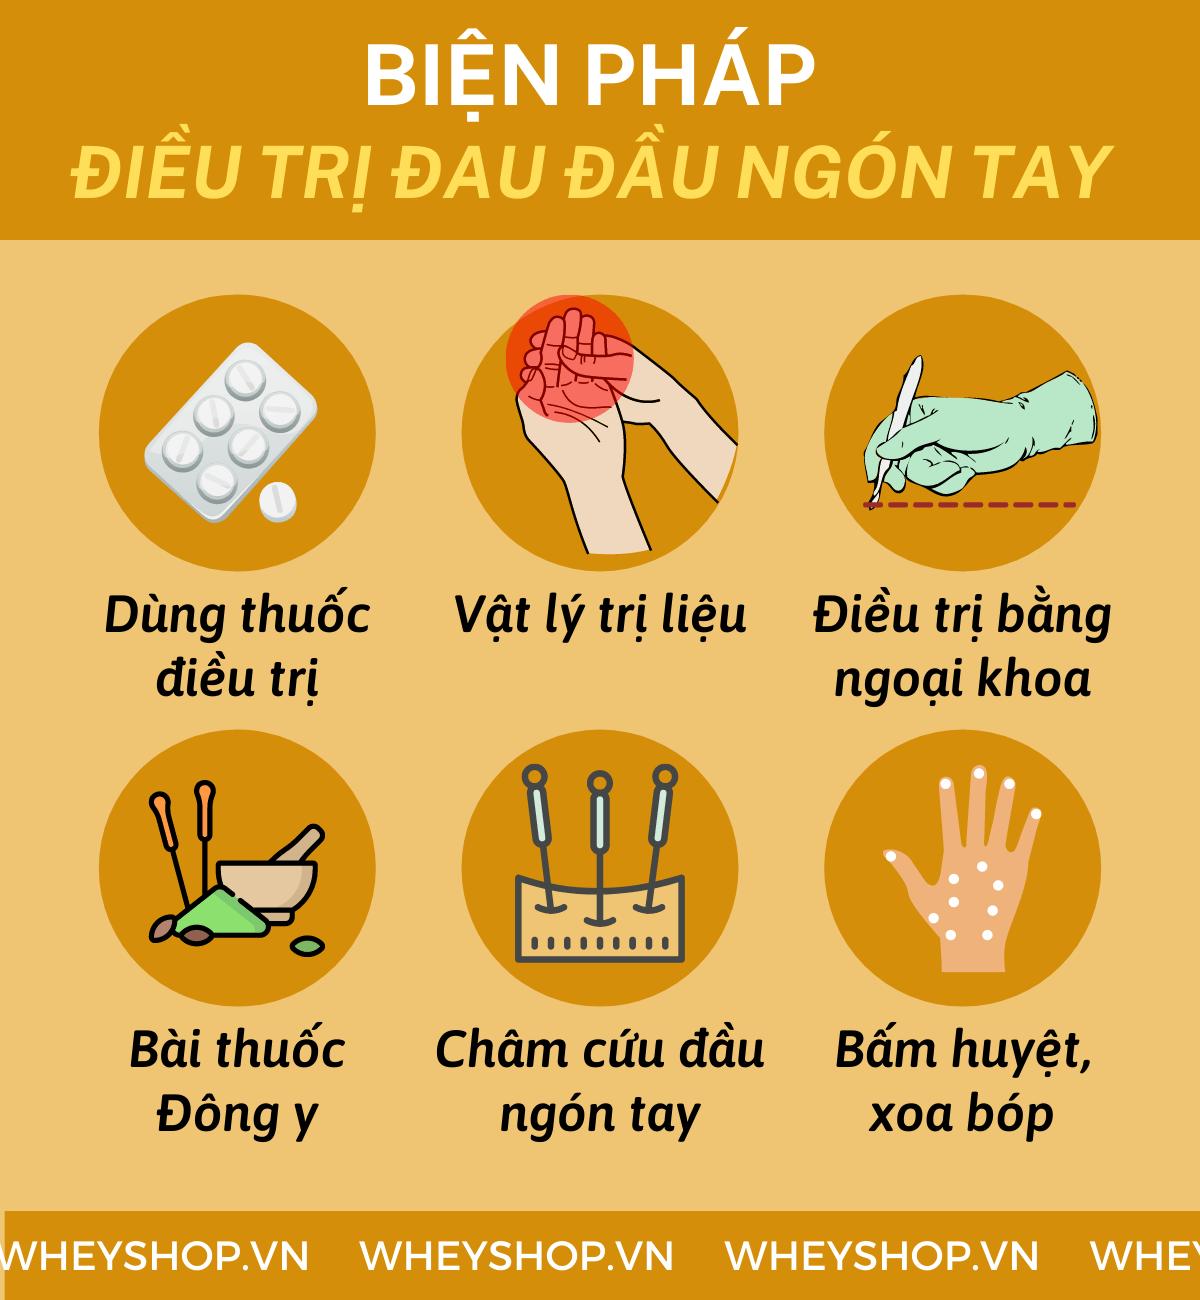 Đau đầu ngón tay tưởng như chỉ là một triệu chứng thông thường nhưng thực chất đó là dấu hiệu cảnh báo tình trạng sức khỏe tiềm ẩn bên trong chúng ta. Vì...